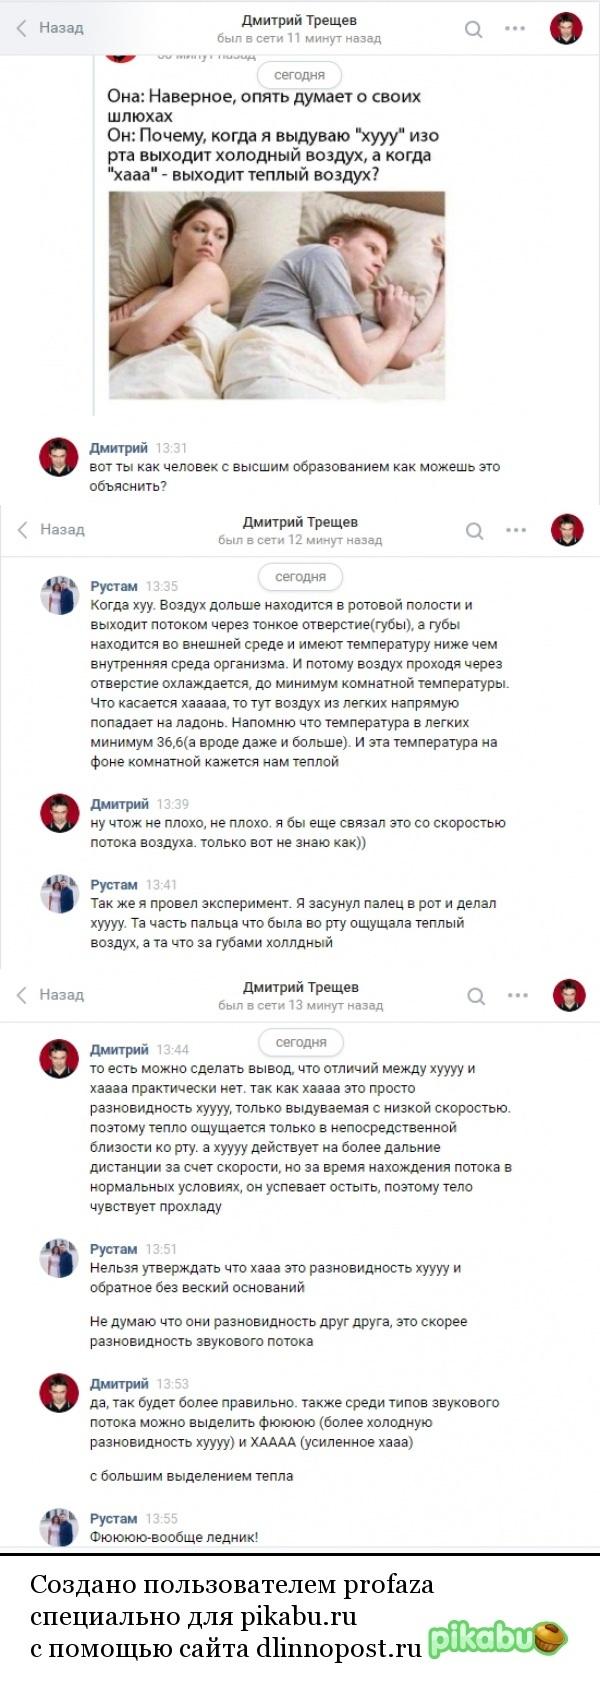 Беседа Разговор, Высшее образование, Длиннопост, Вконтакте, Скриншот, Переписка